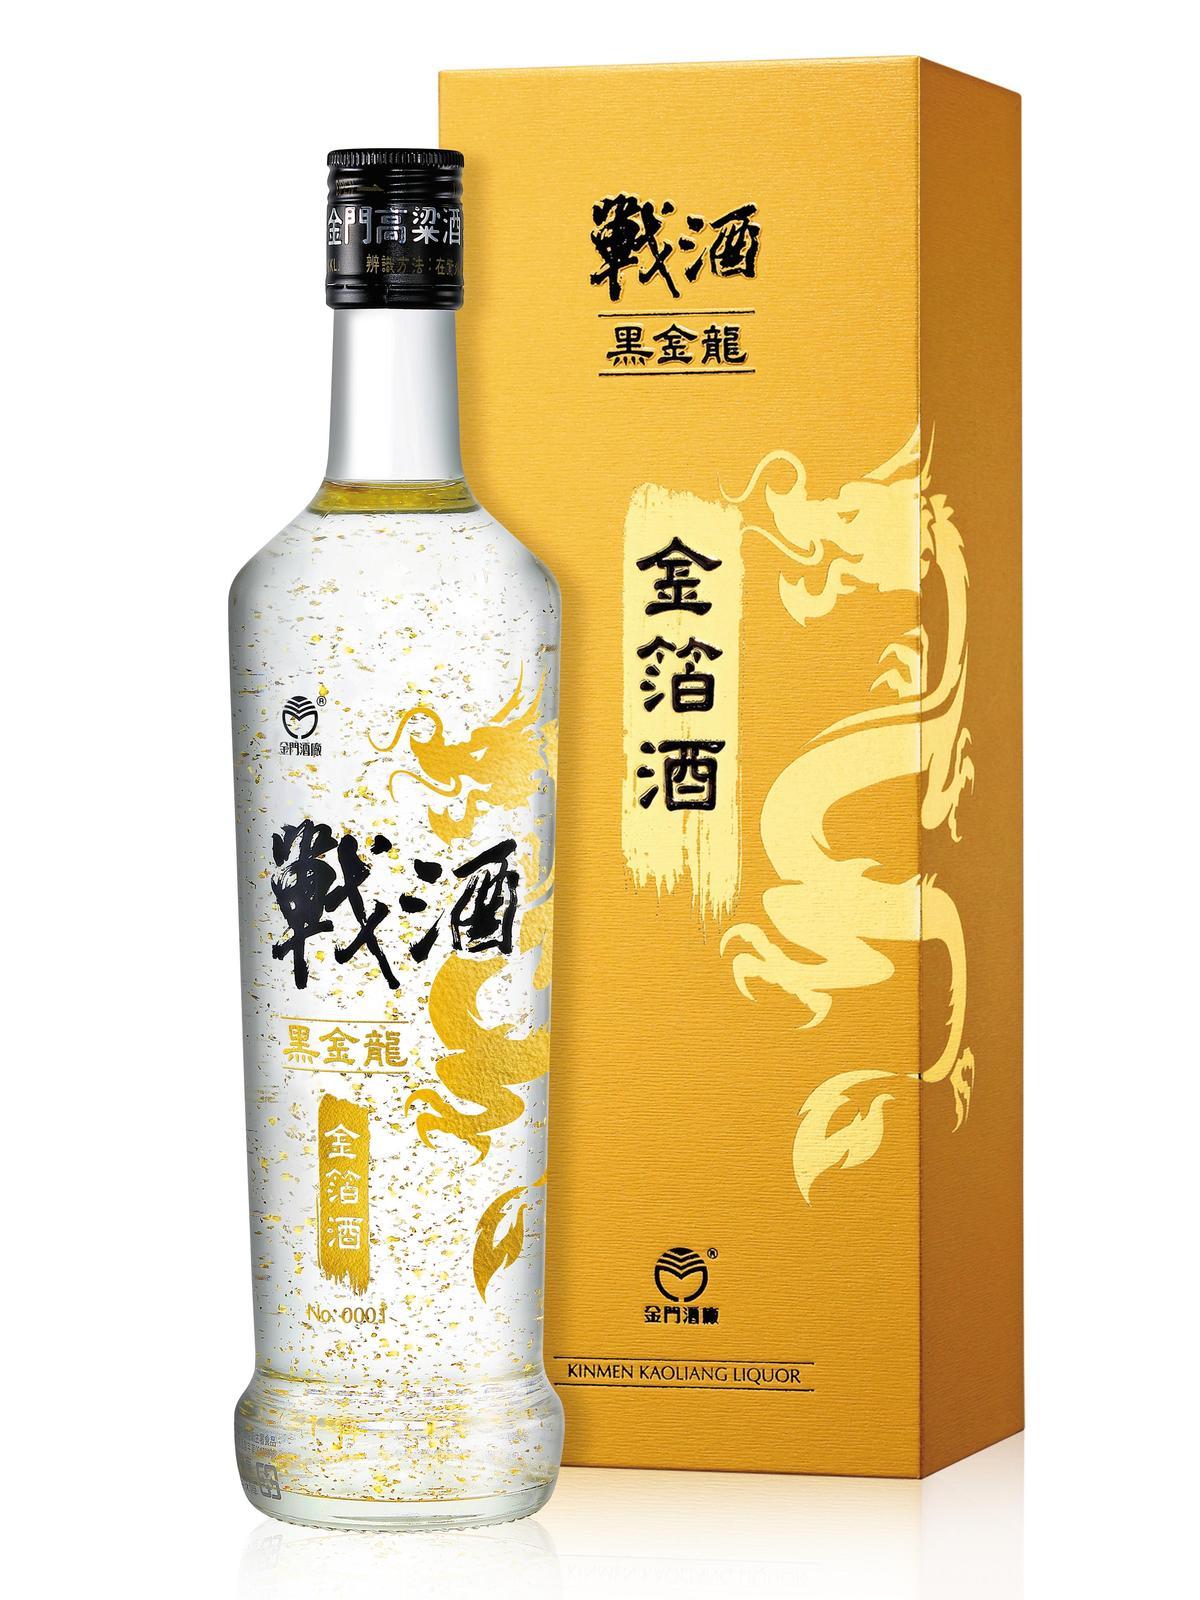 戰酒「黑金龍系列」金箔酒禮盒